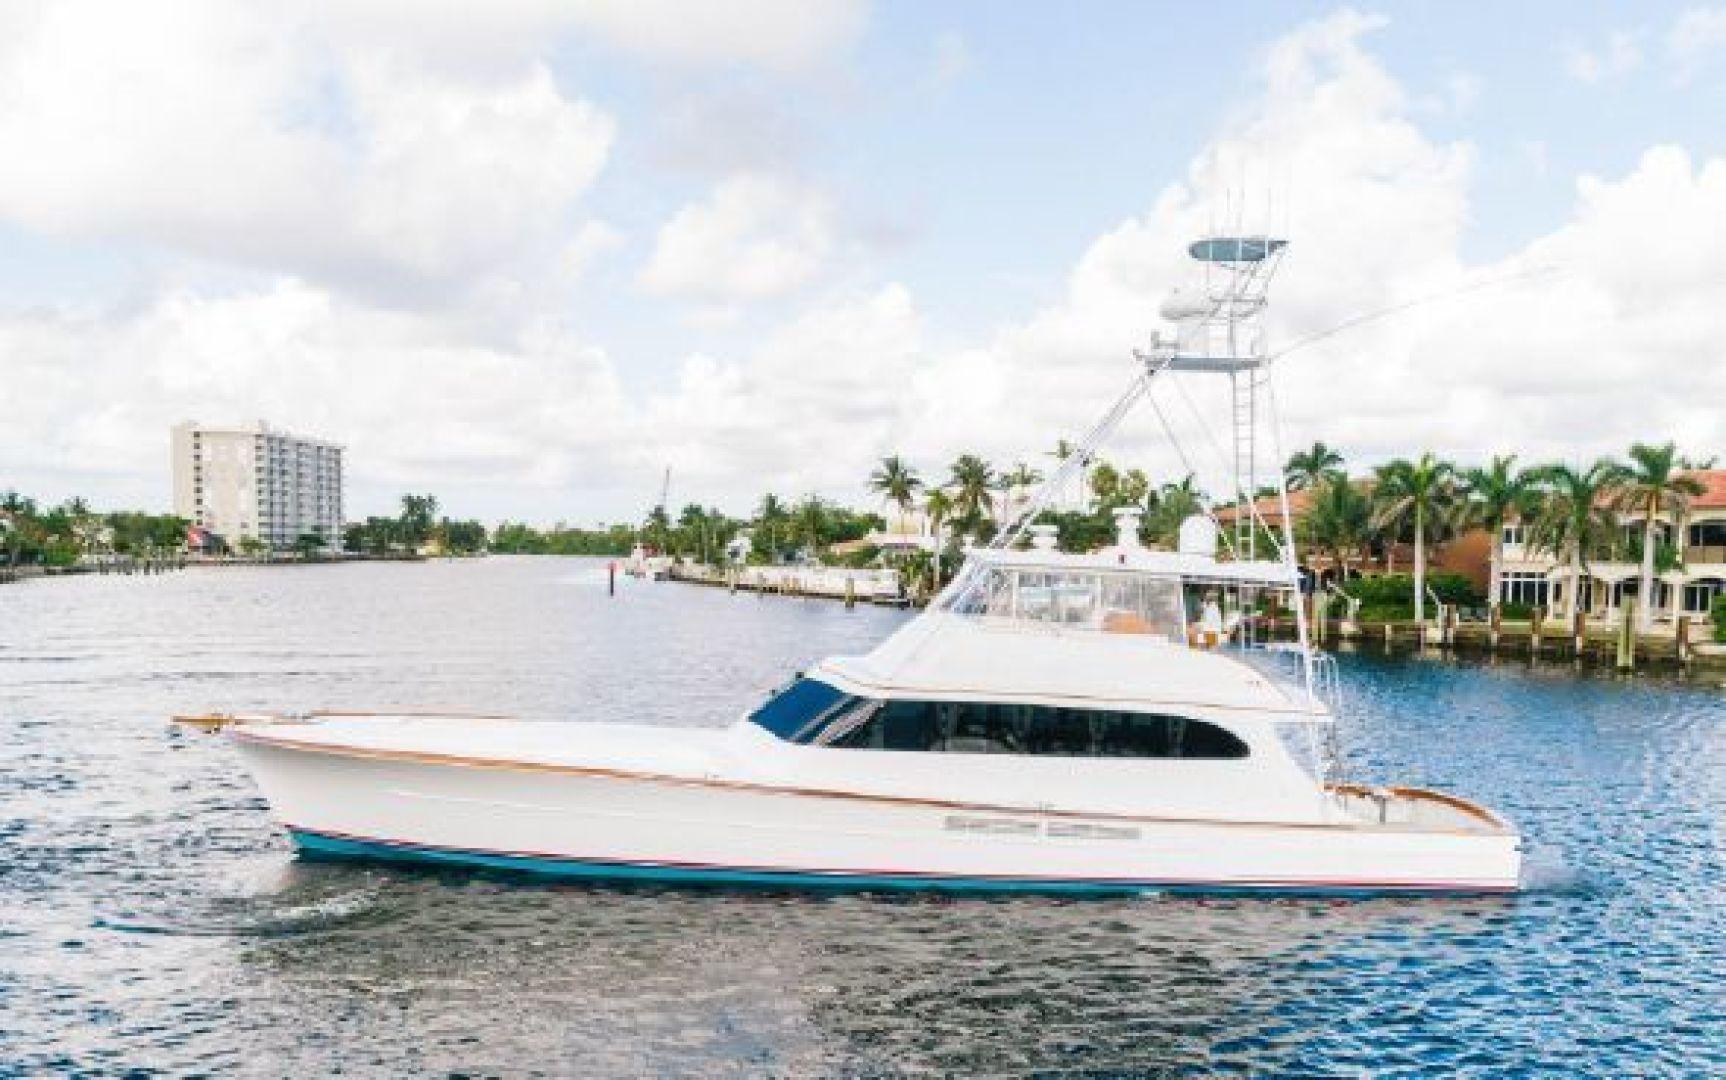 Merritt 1996-REEL JANIE Palm Beach-Florida-United States-1633903 | Thumbnail